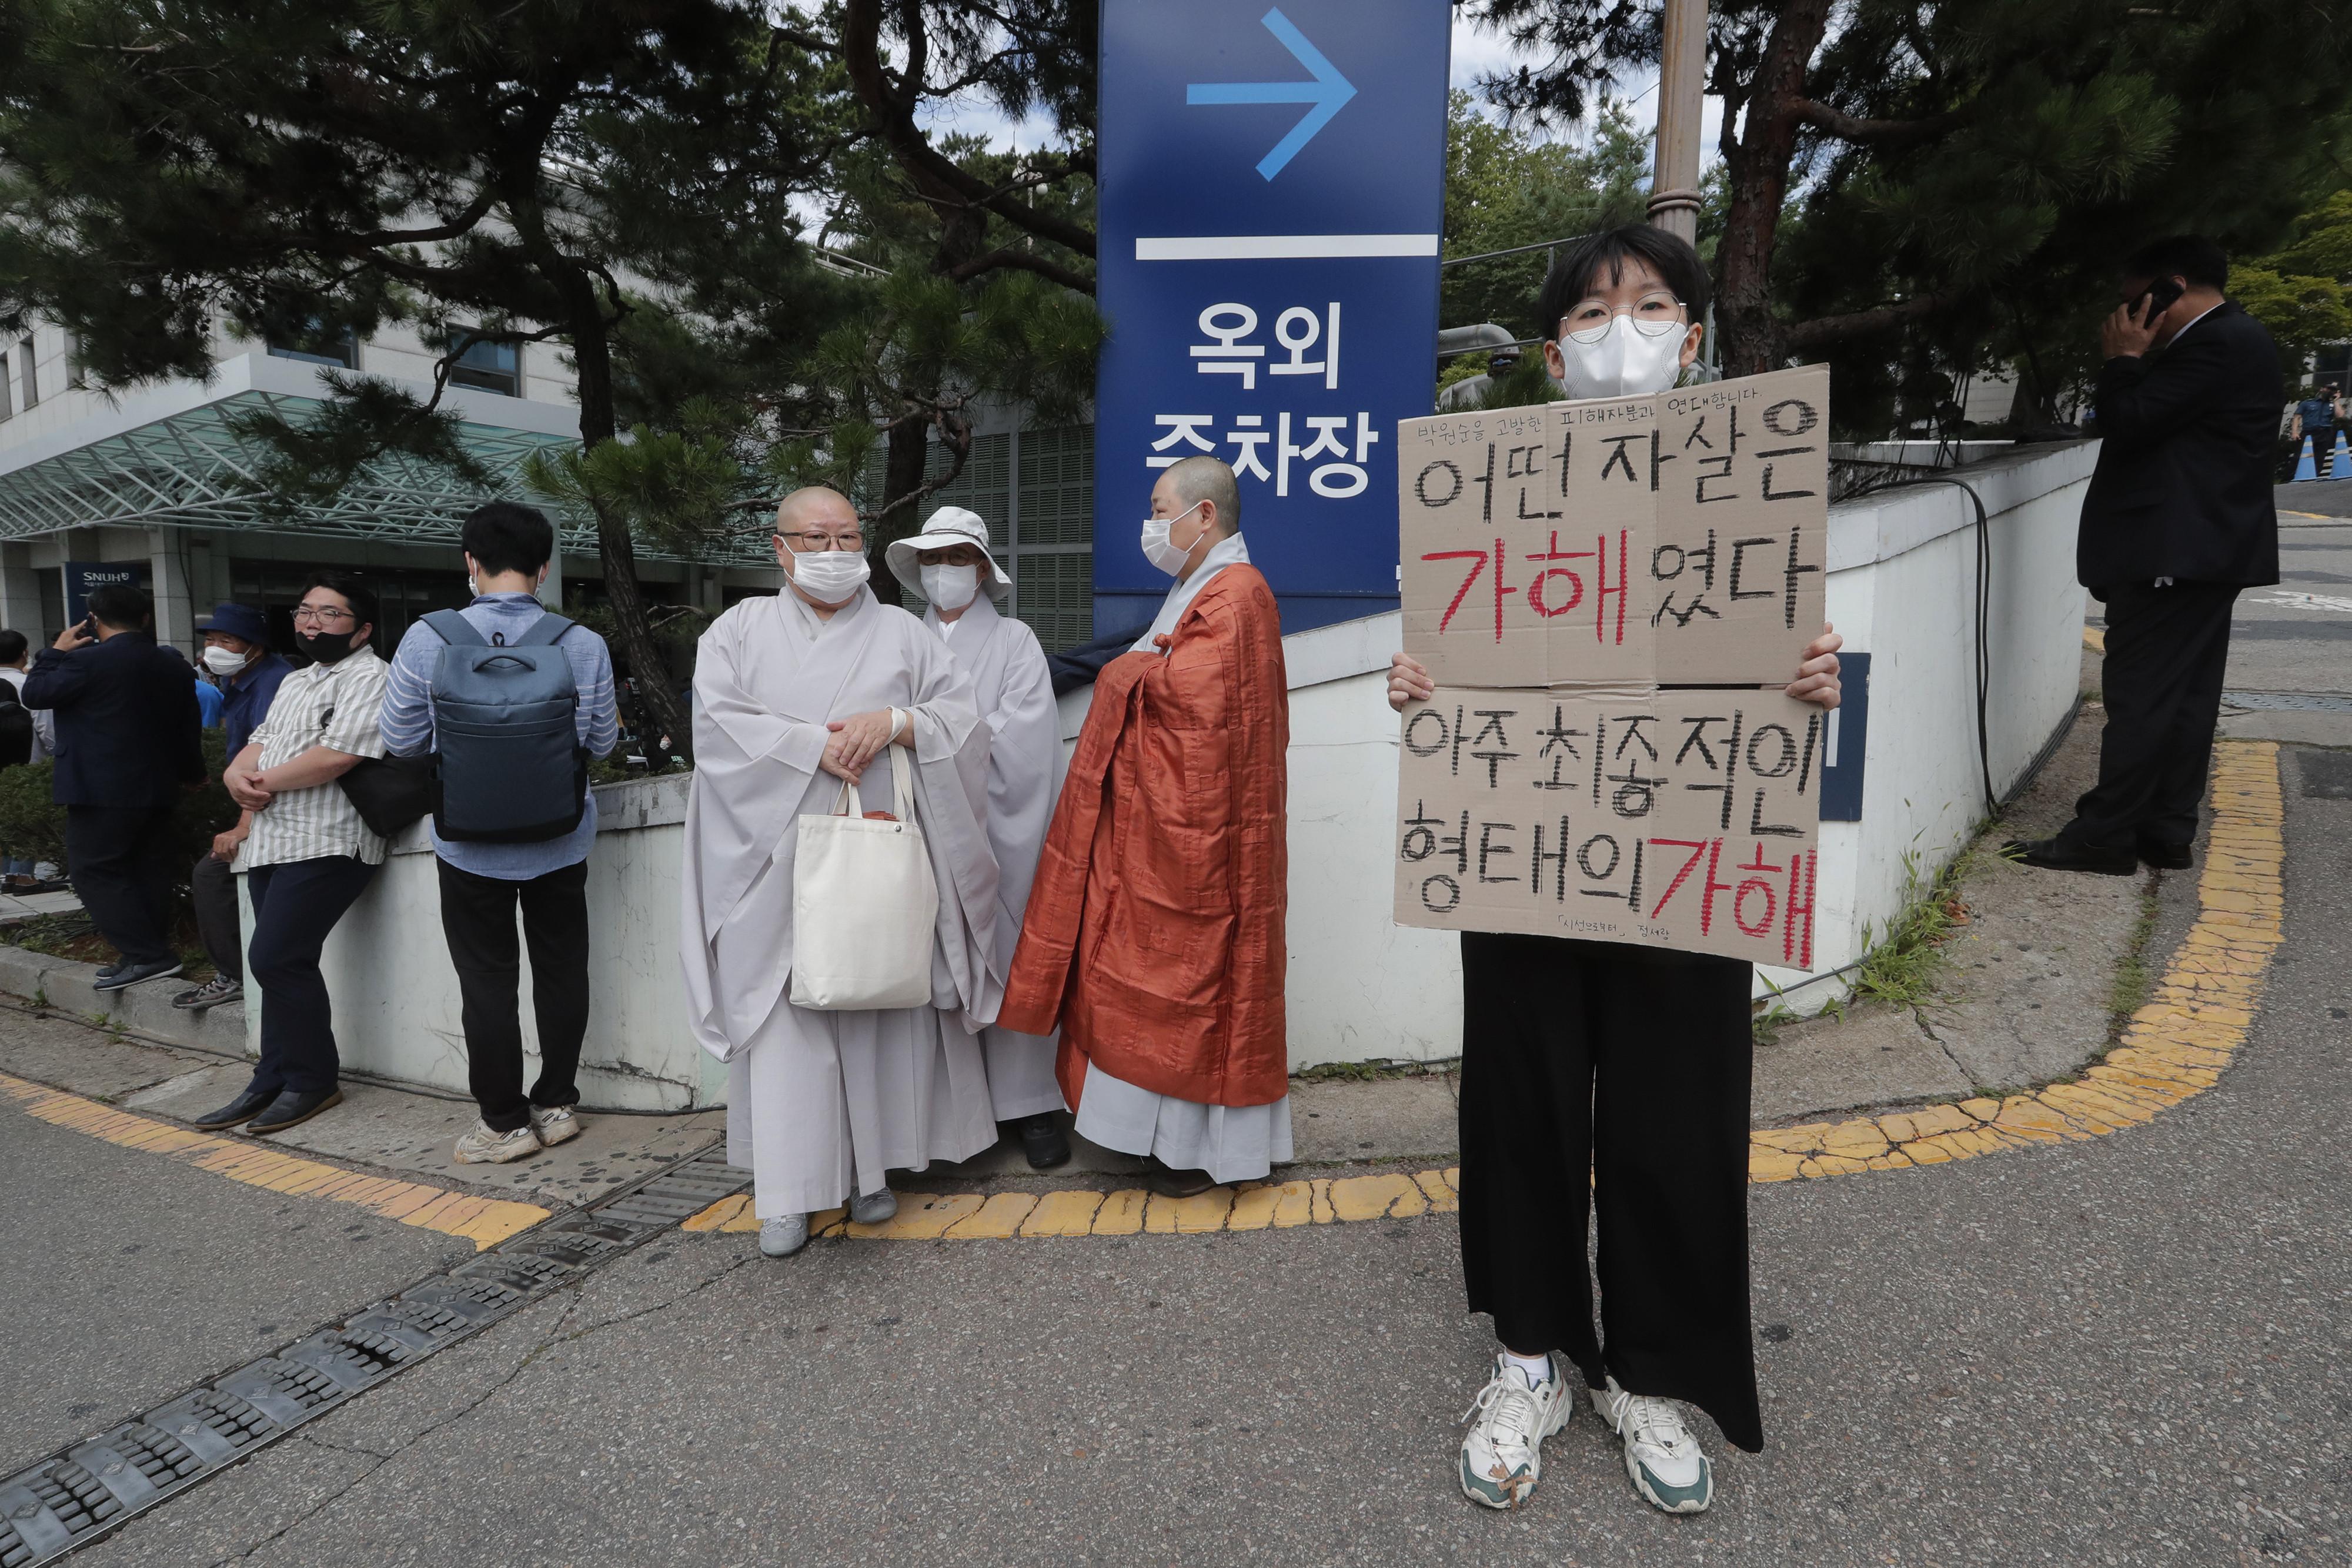 ▲▼市民在首爾大學醫院前舉牌抗議,認為朴元淳的輕生,對性騷被害者而言是二度傷害。(圖/達志影像)